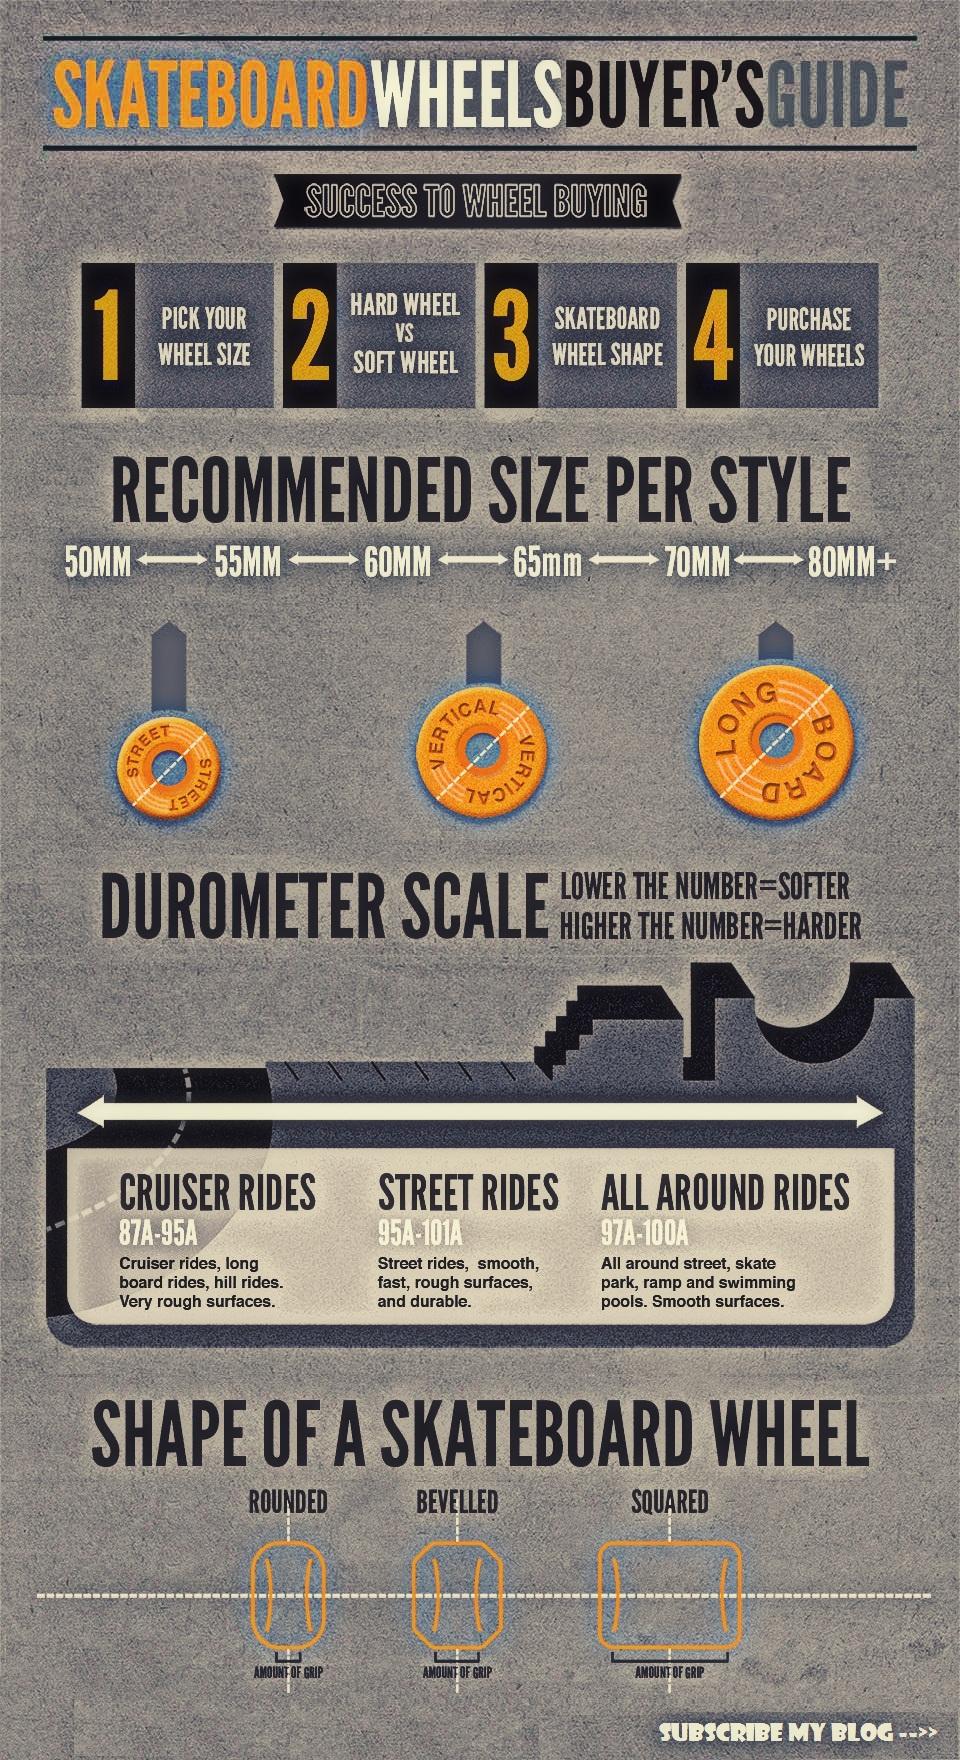 Skateboarder's Wheel Guide